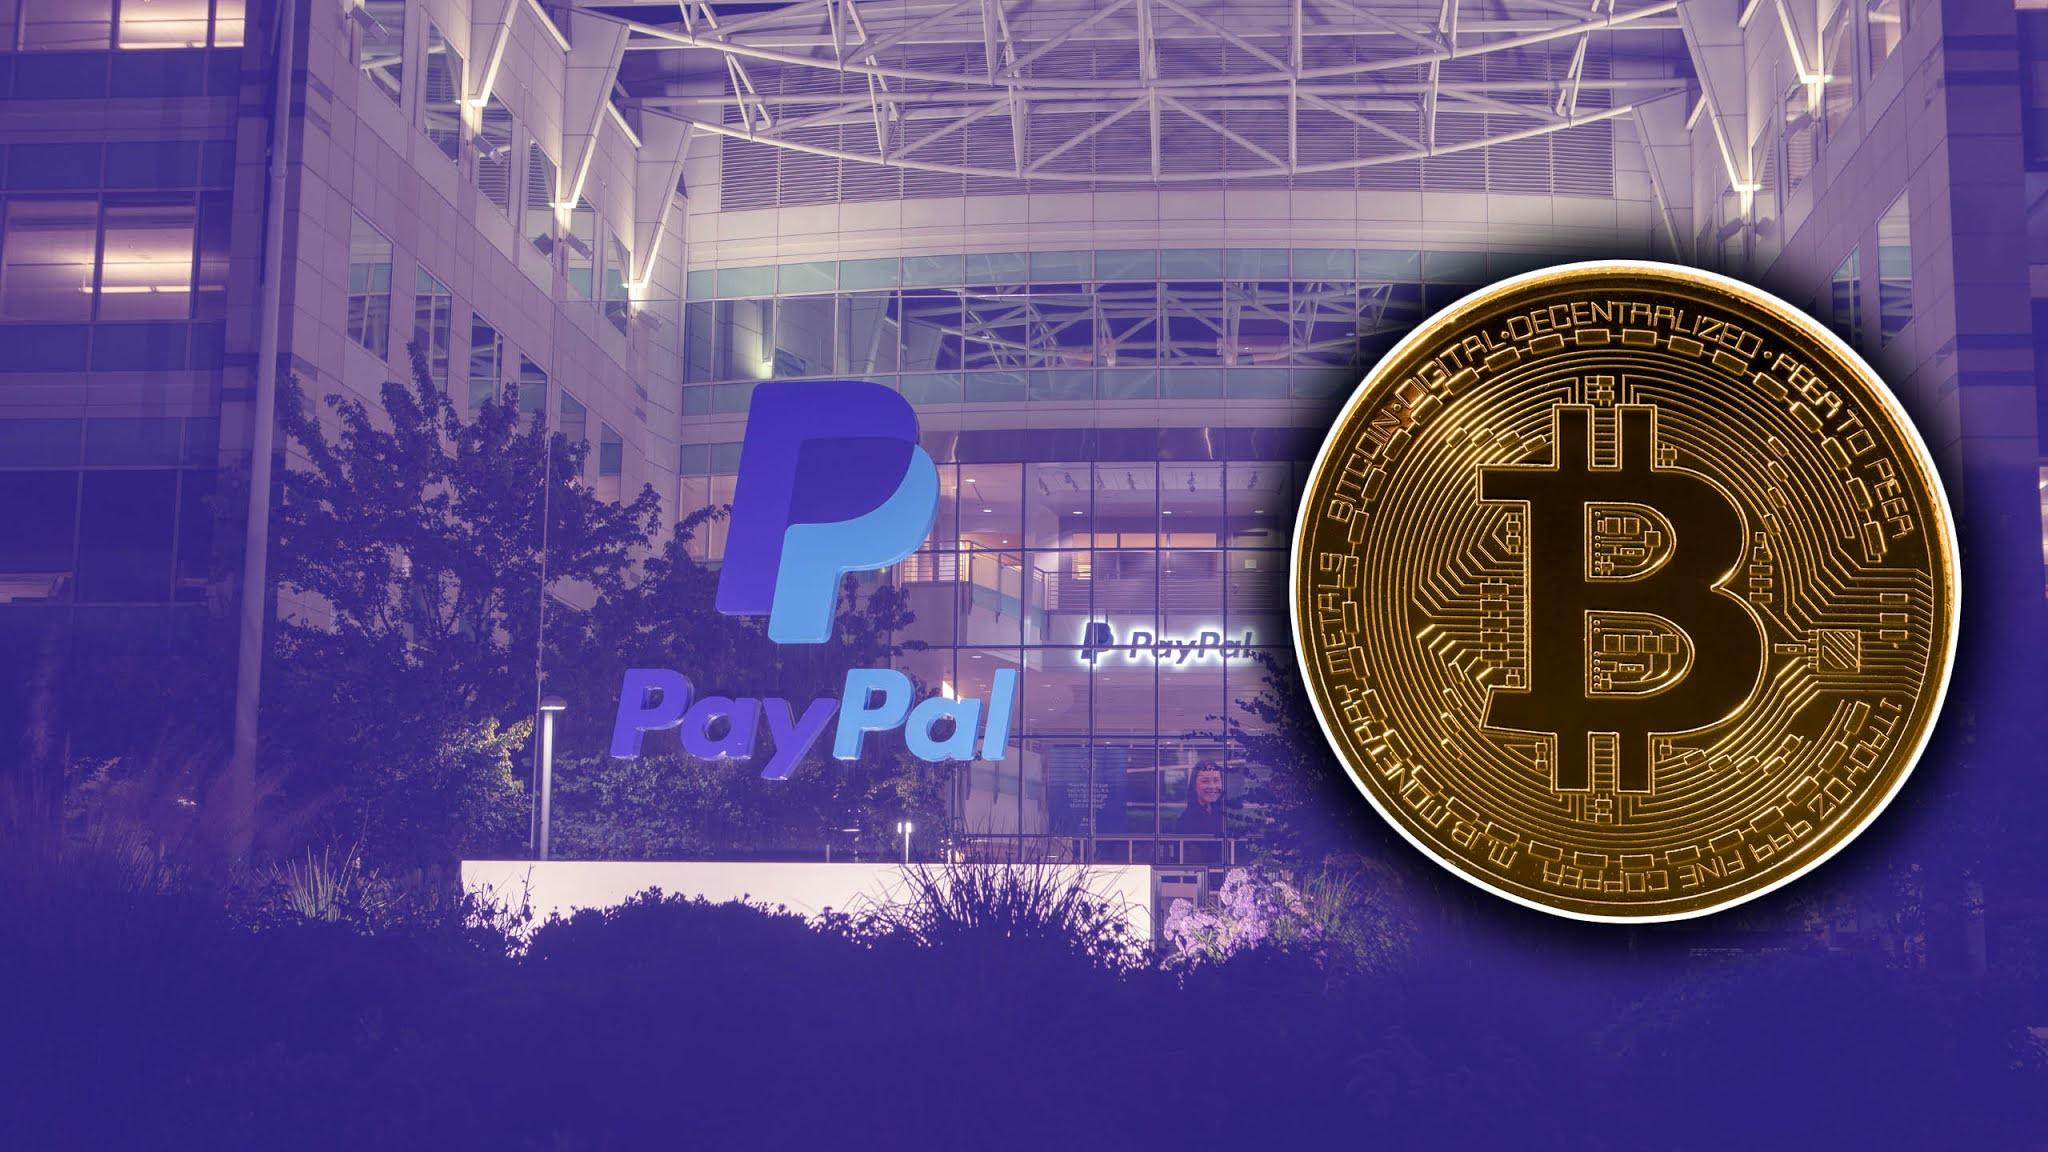 Paypal Kripto Para Hacim Rekoru Kırdı!